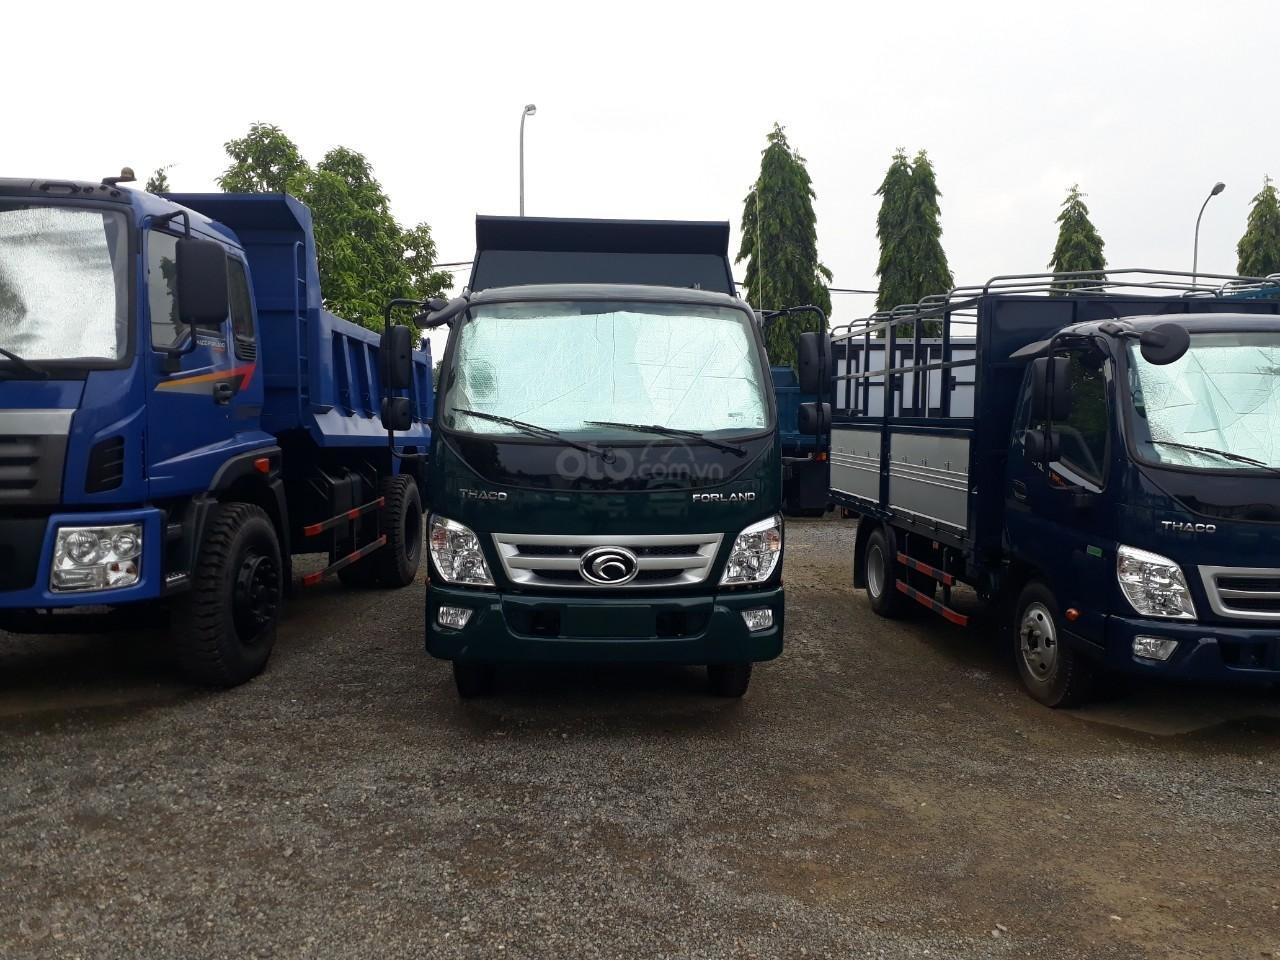 Xe tải ben Thaco FD350. E4 tải trọng 3.49 tấn trường hải ở Hà Nội, LH: 098.253.6148-6